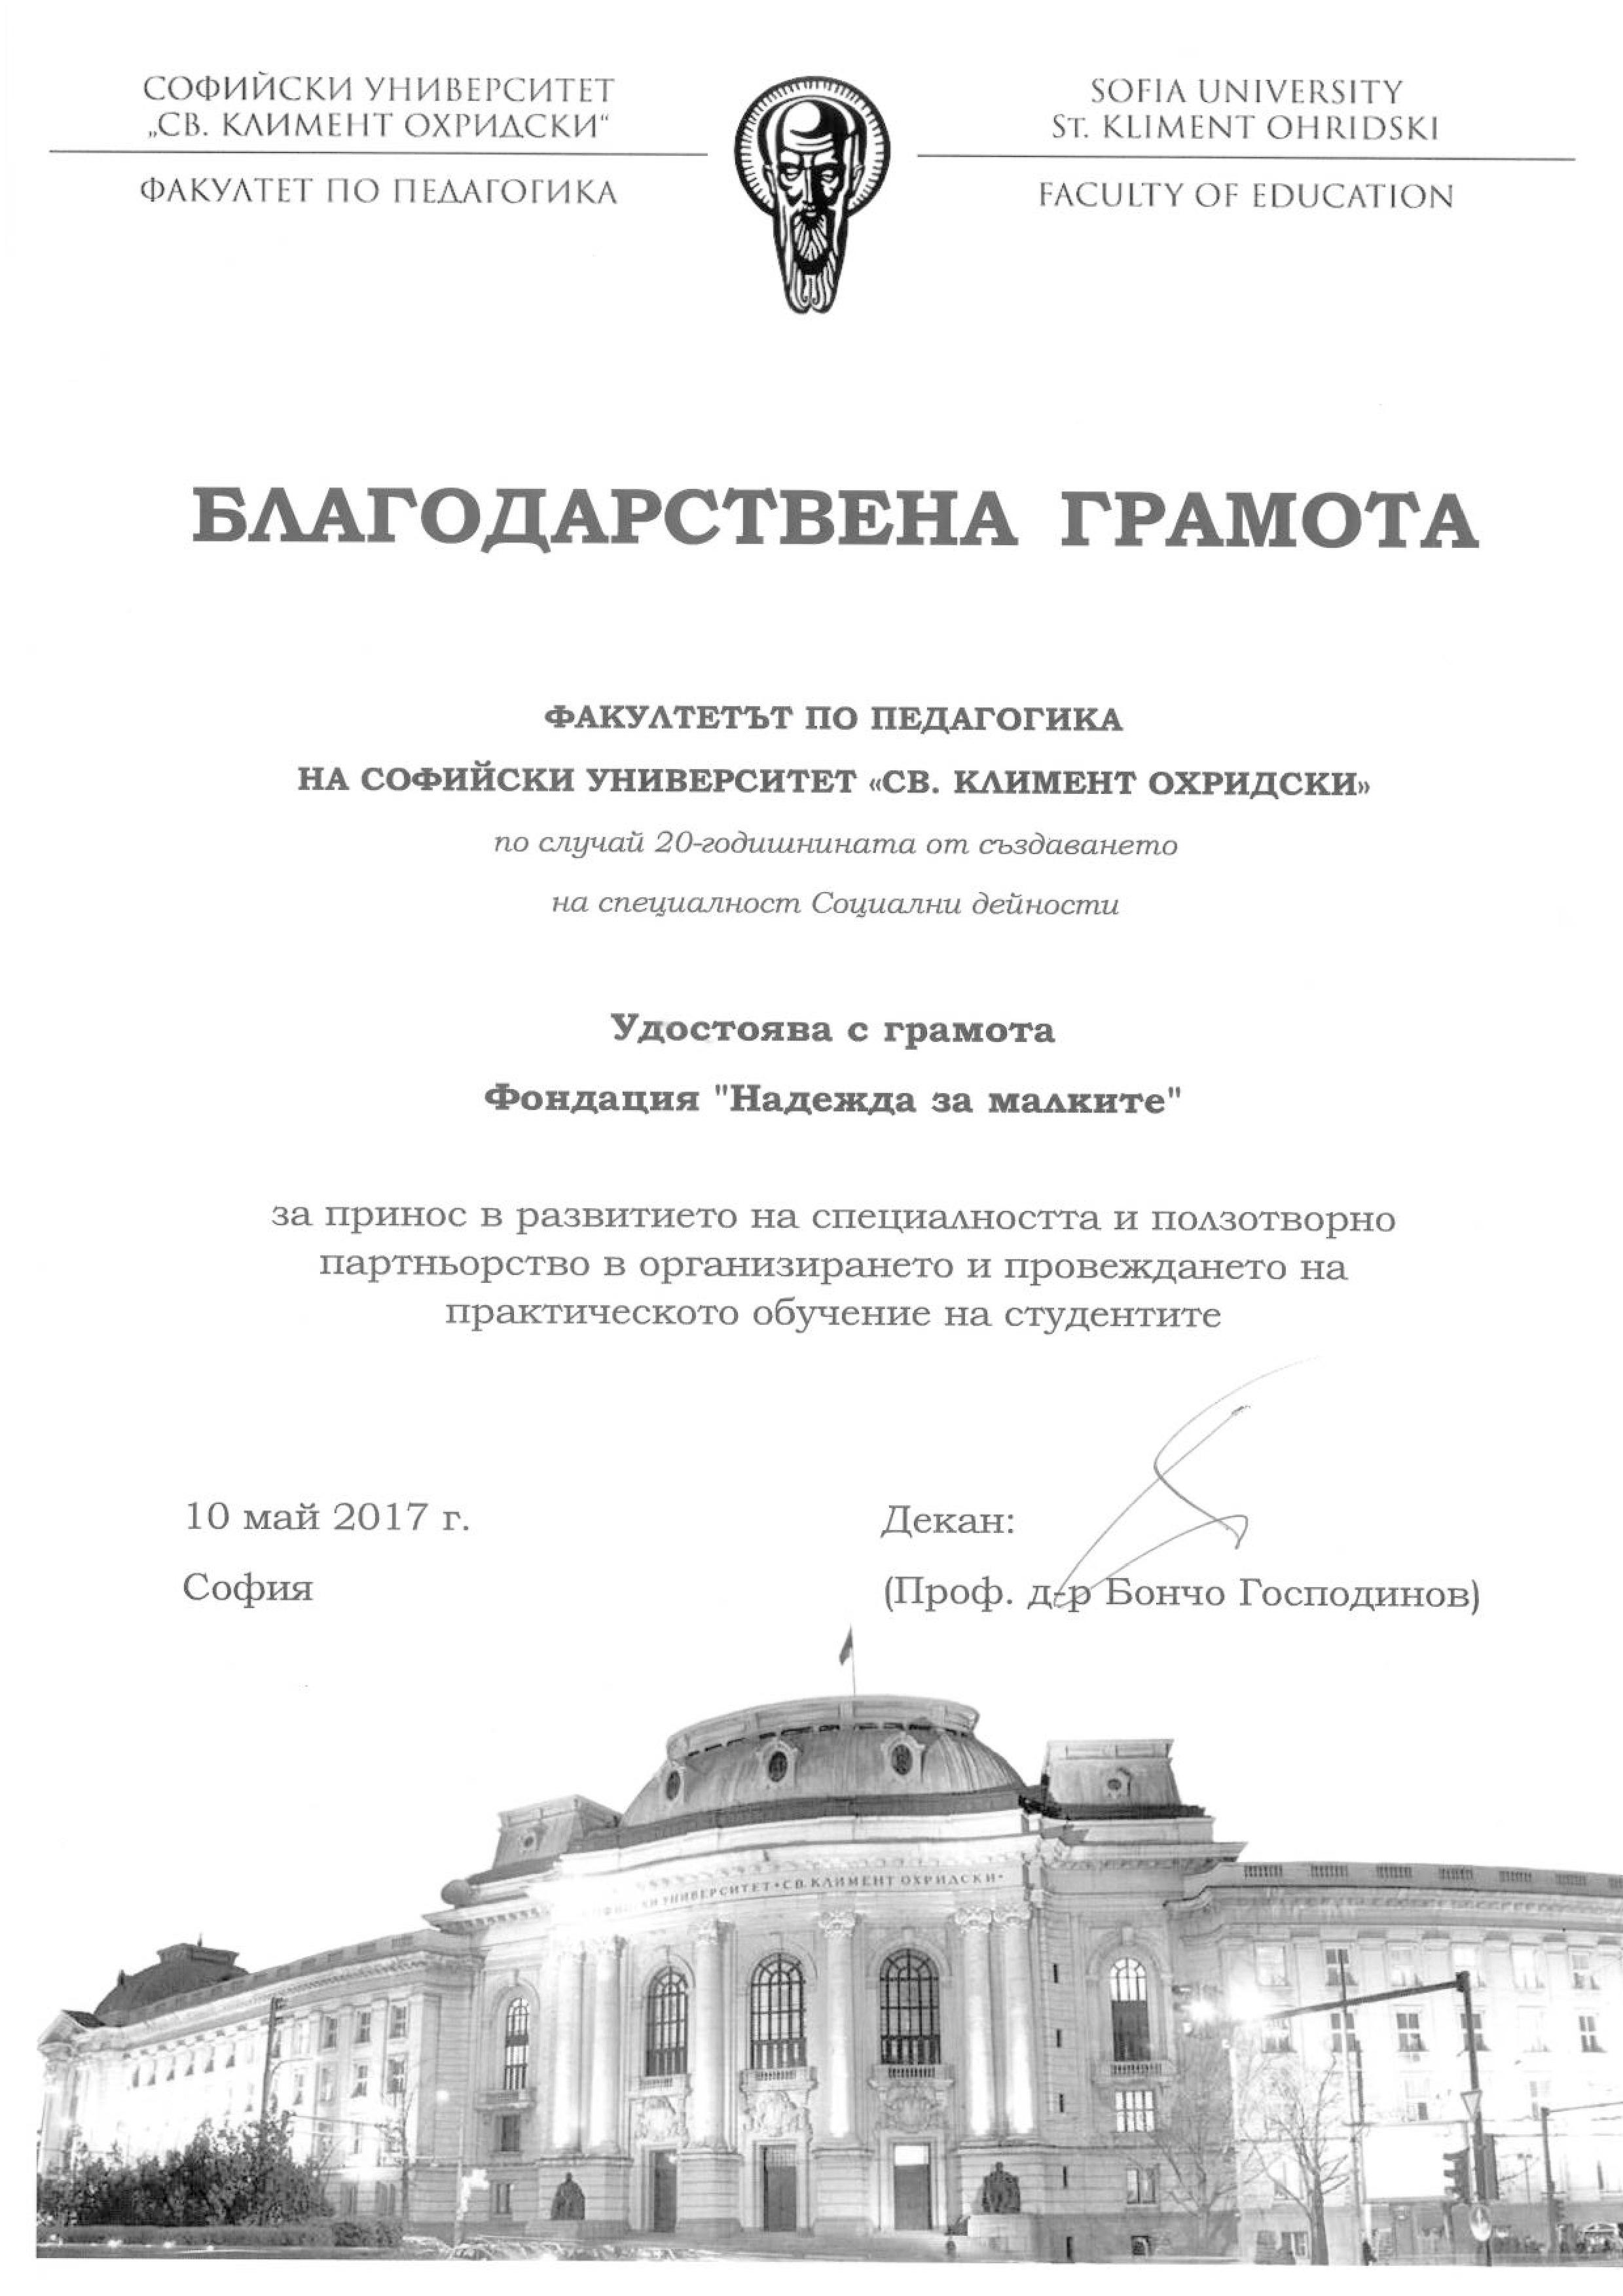 """Фондация """"Надежда за малките"""" отличенa с благодарствен адрес от Факултета по педагогика на Софийски университет """"Св. Кл. Охридски"""""""